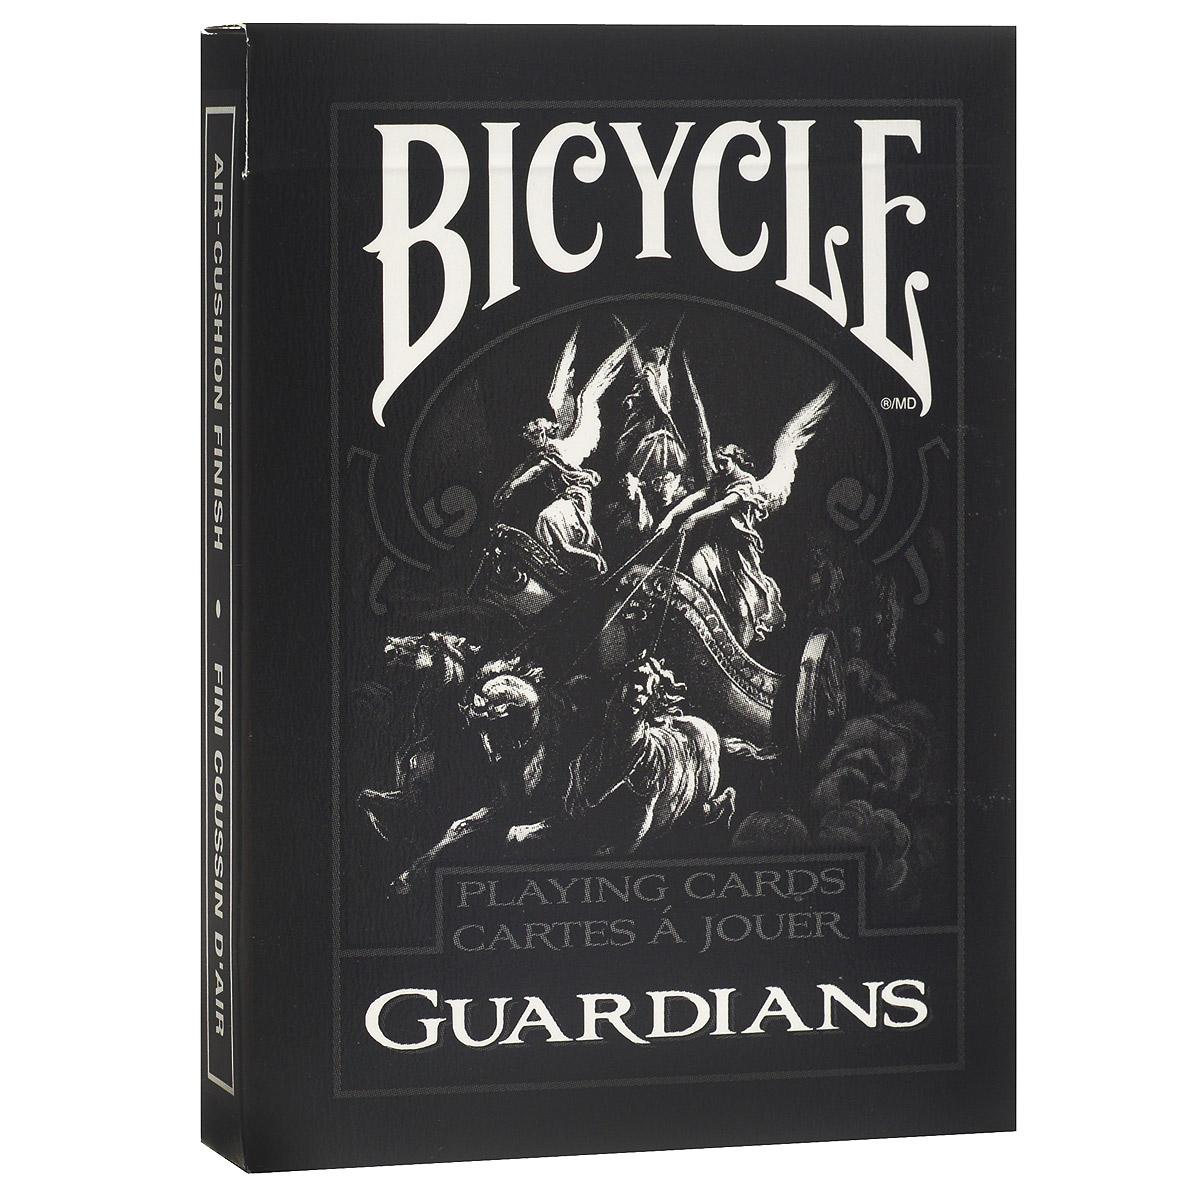 Карты игральные коллекционные Bicycle Guardians, цвет: черный, 54 карты. 91119111